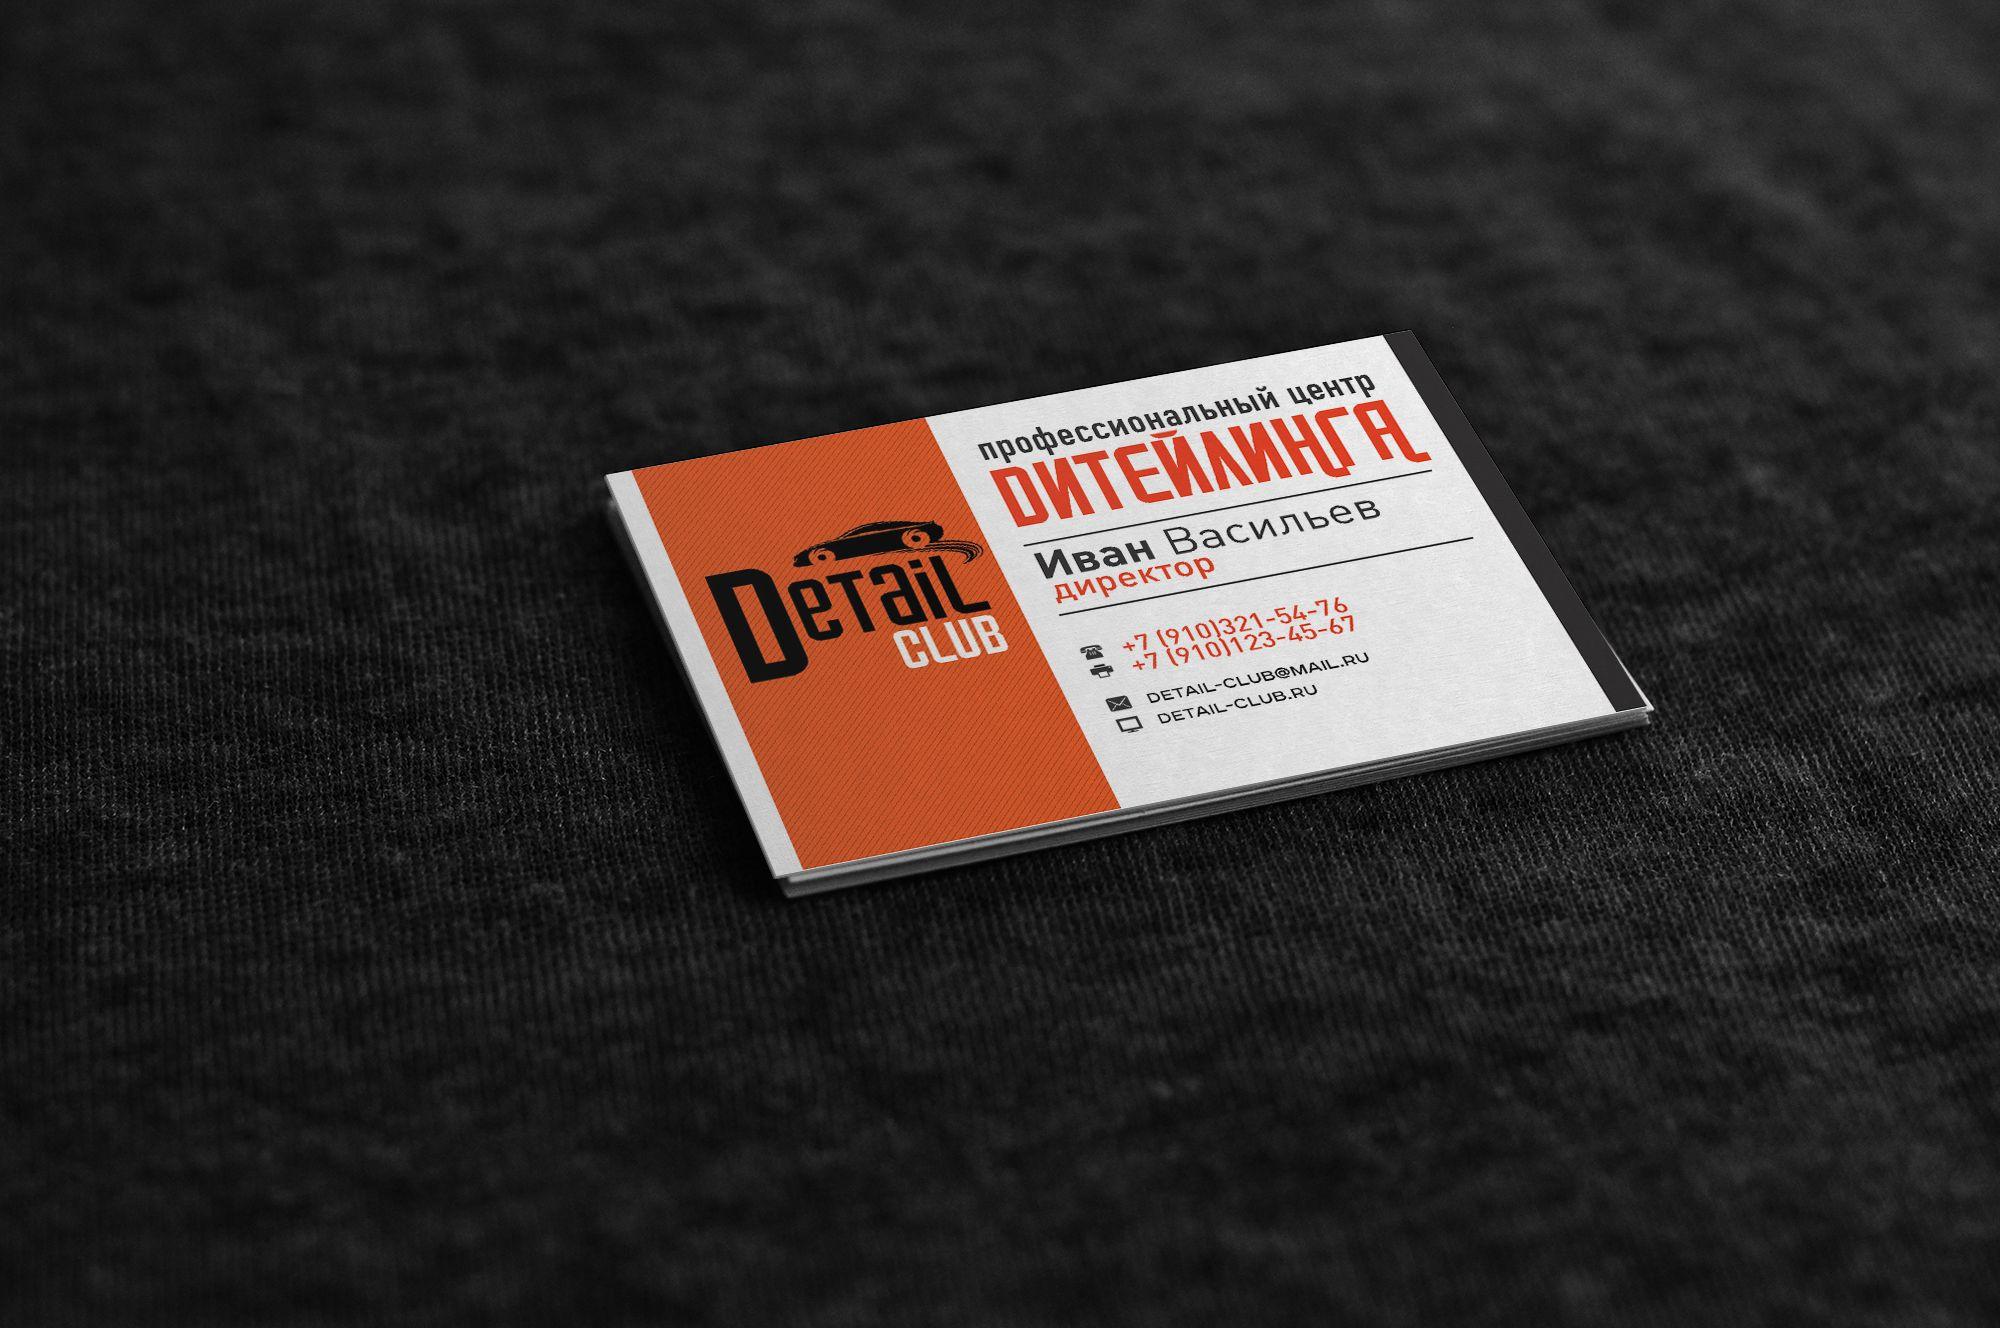 Логотип для компании (детейлинг студия) - дизайнер IgorTsar